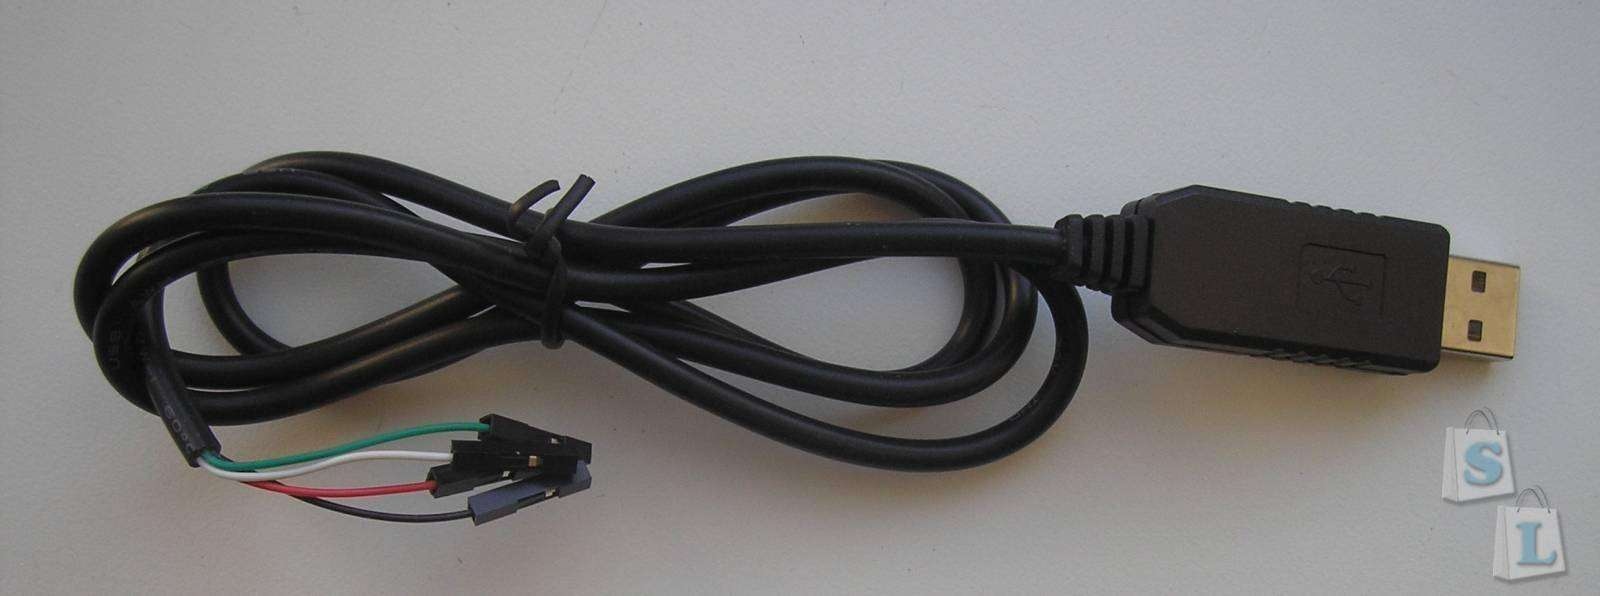 Banggood: Реле влажности своими руками (Arduino, урок №2)